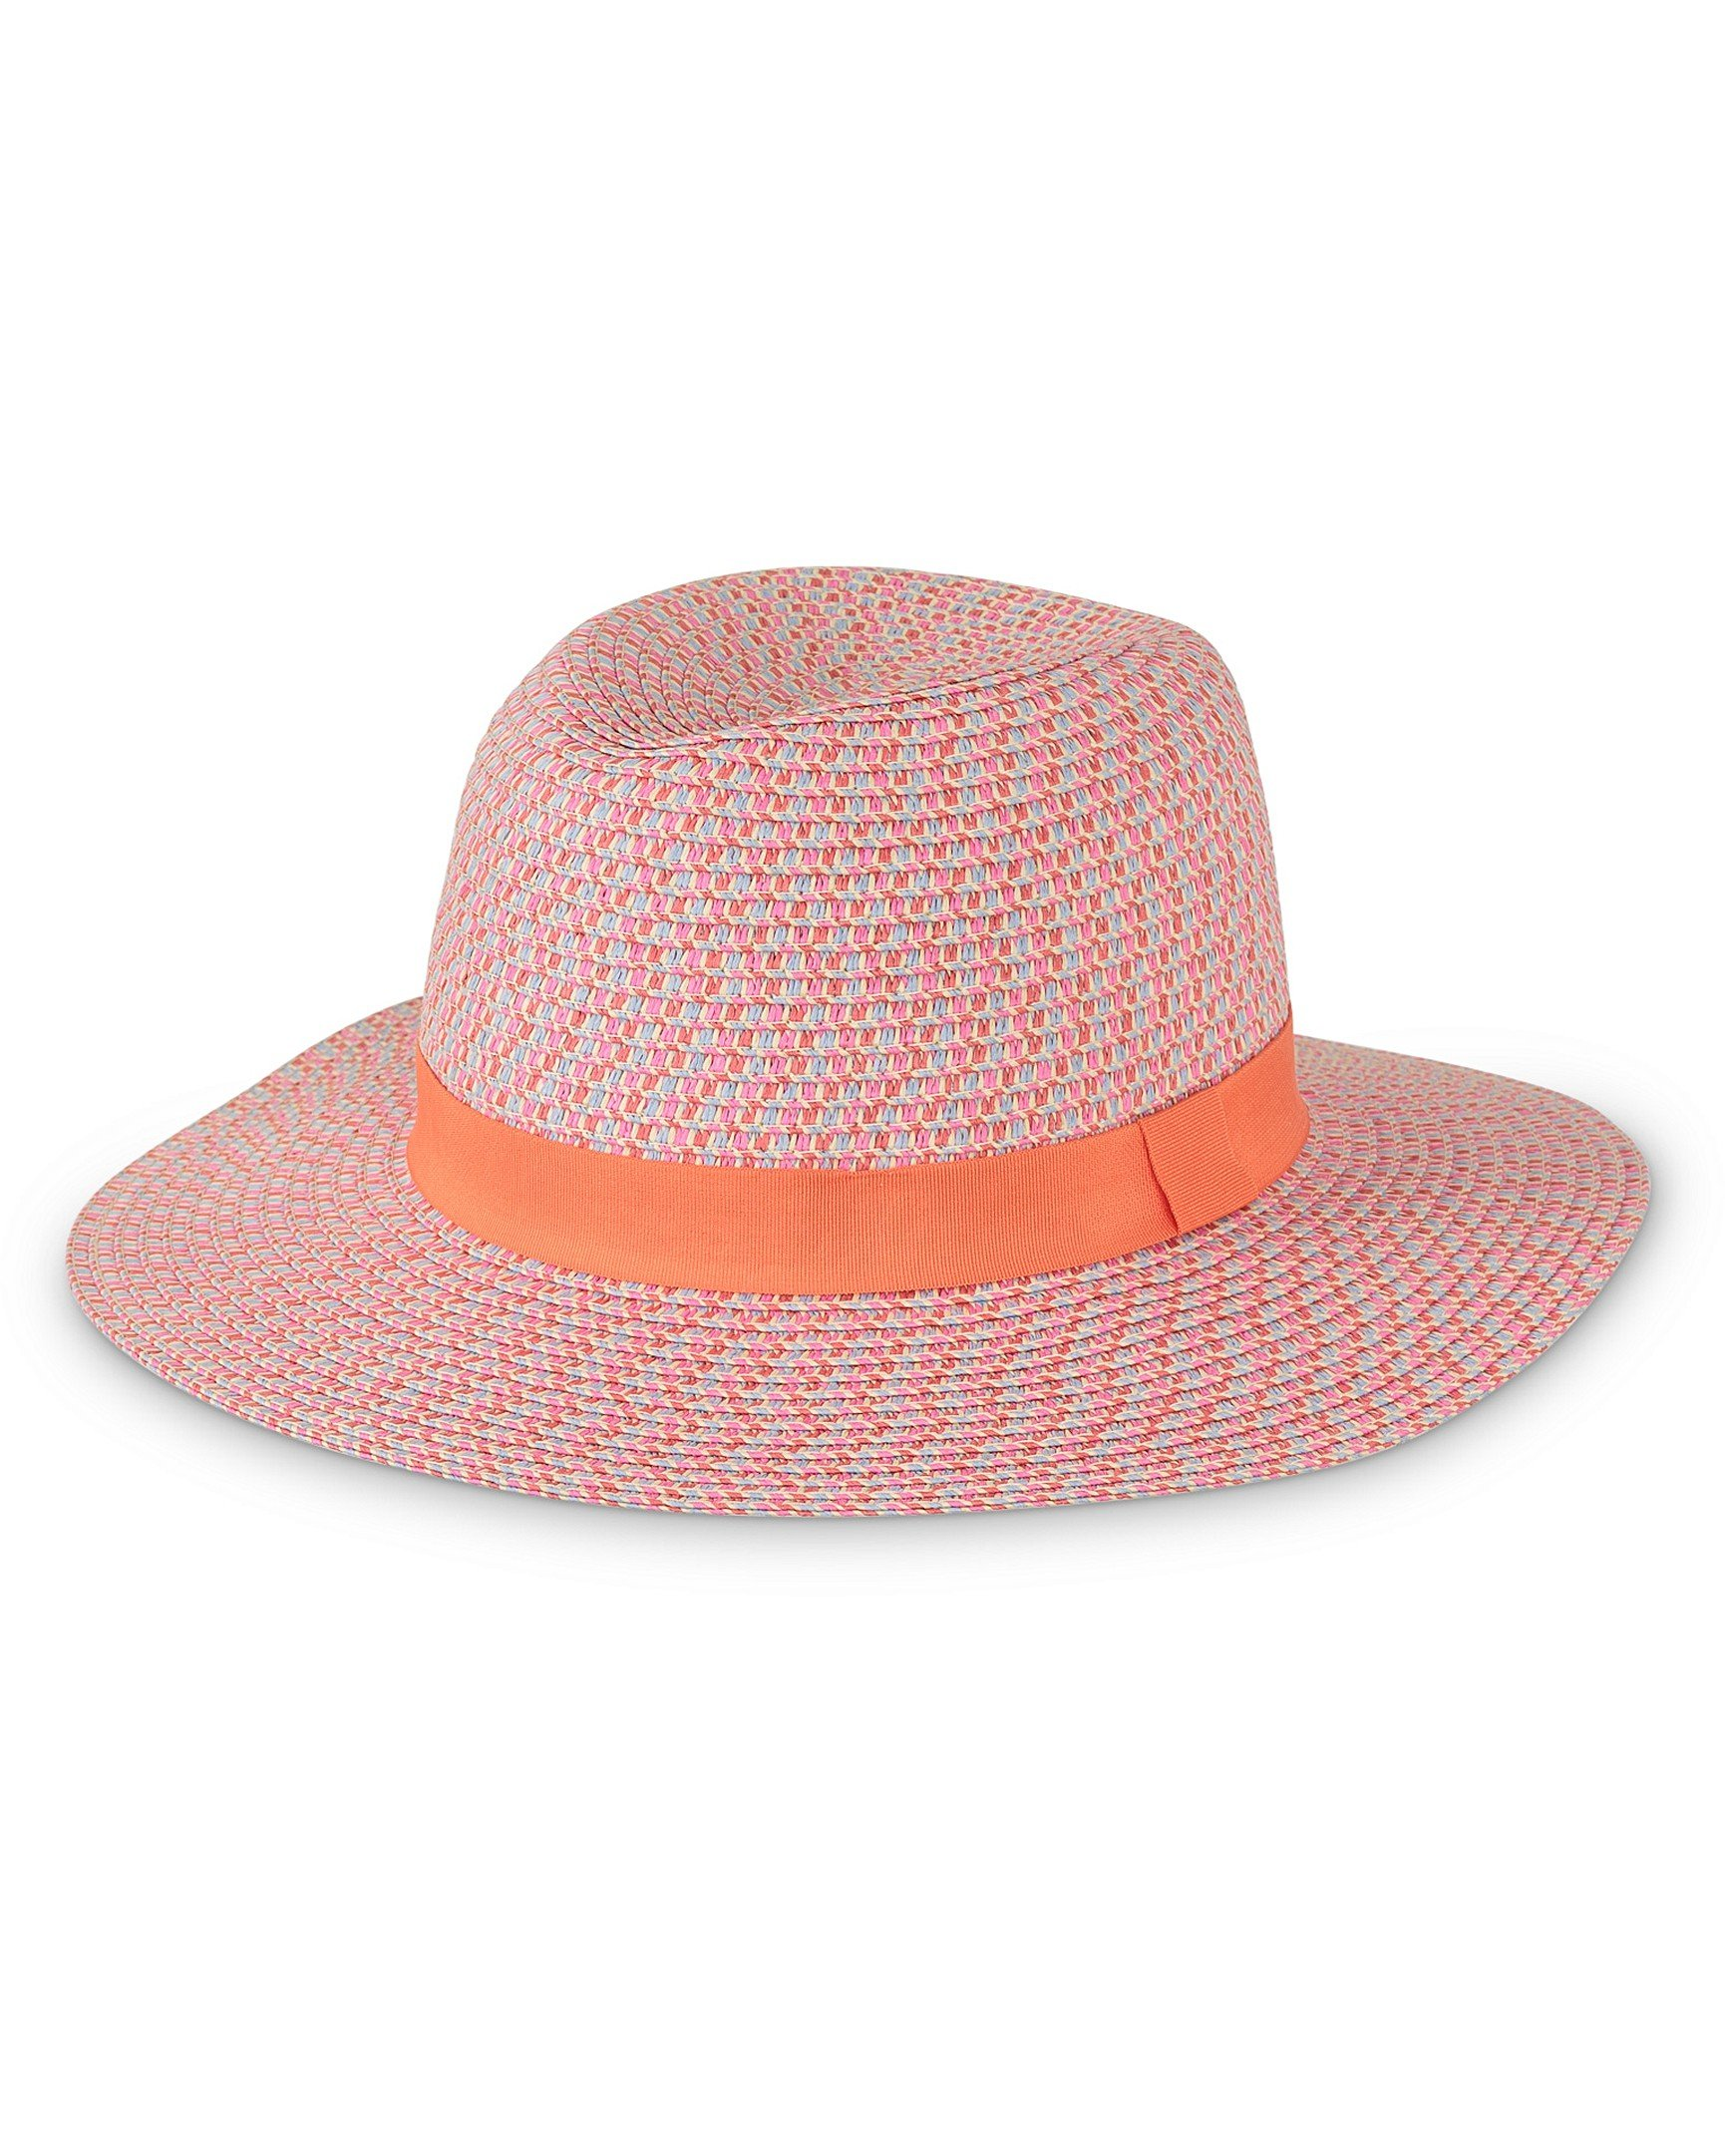 c9f5d25fe9b Rainbow Twist Pink Fedora Hat